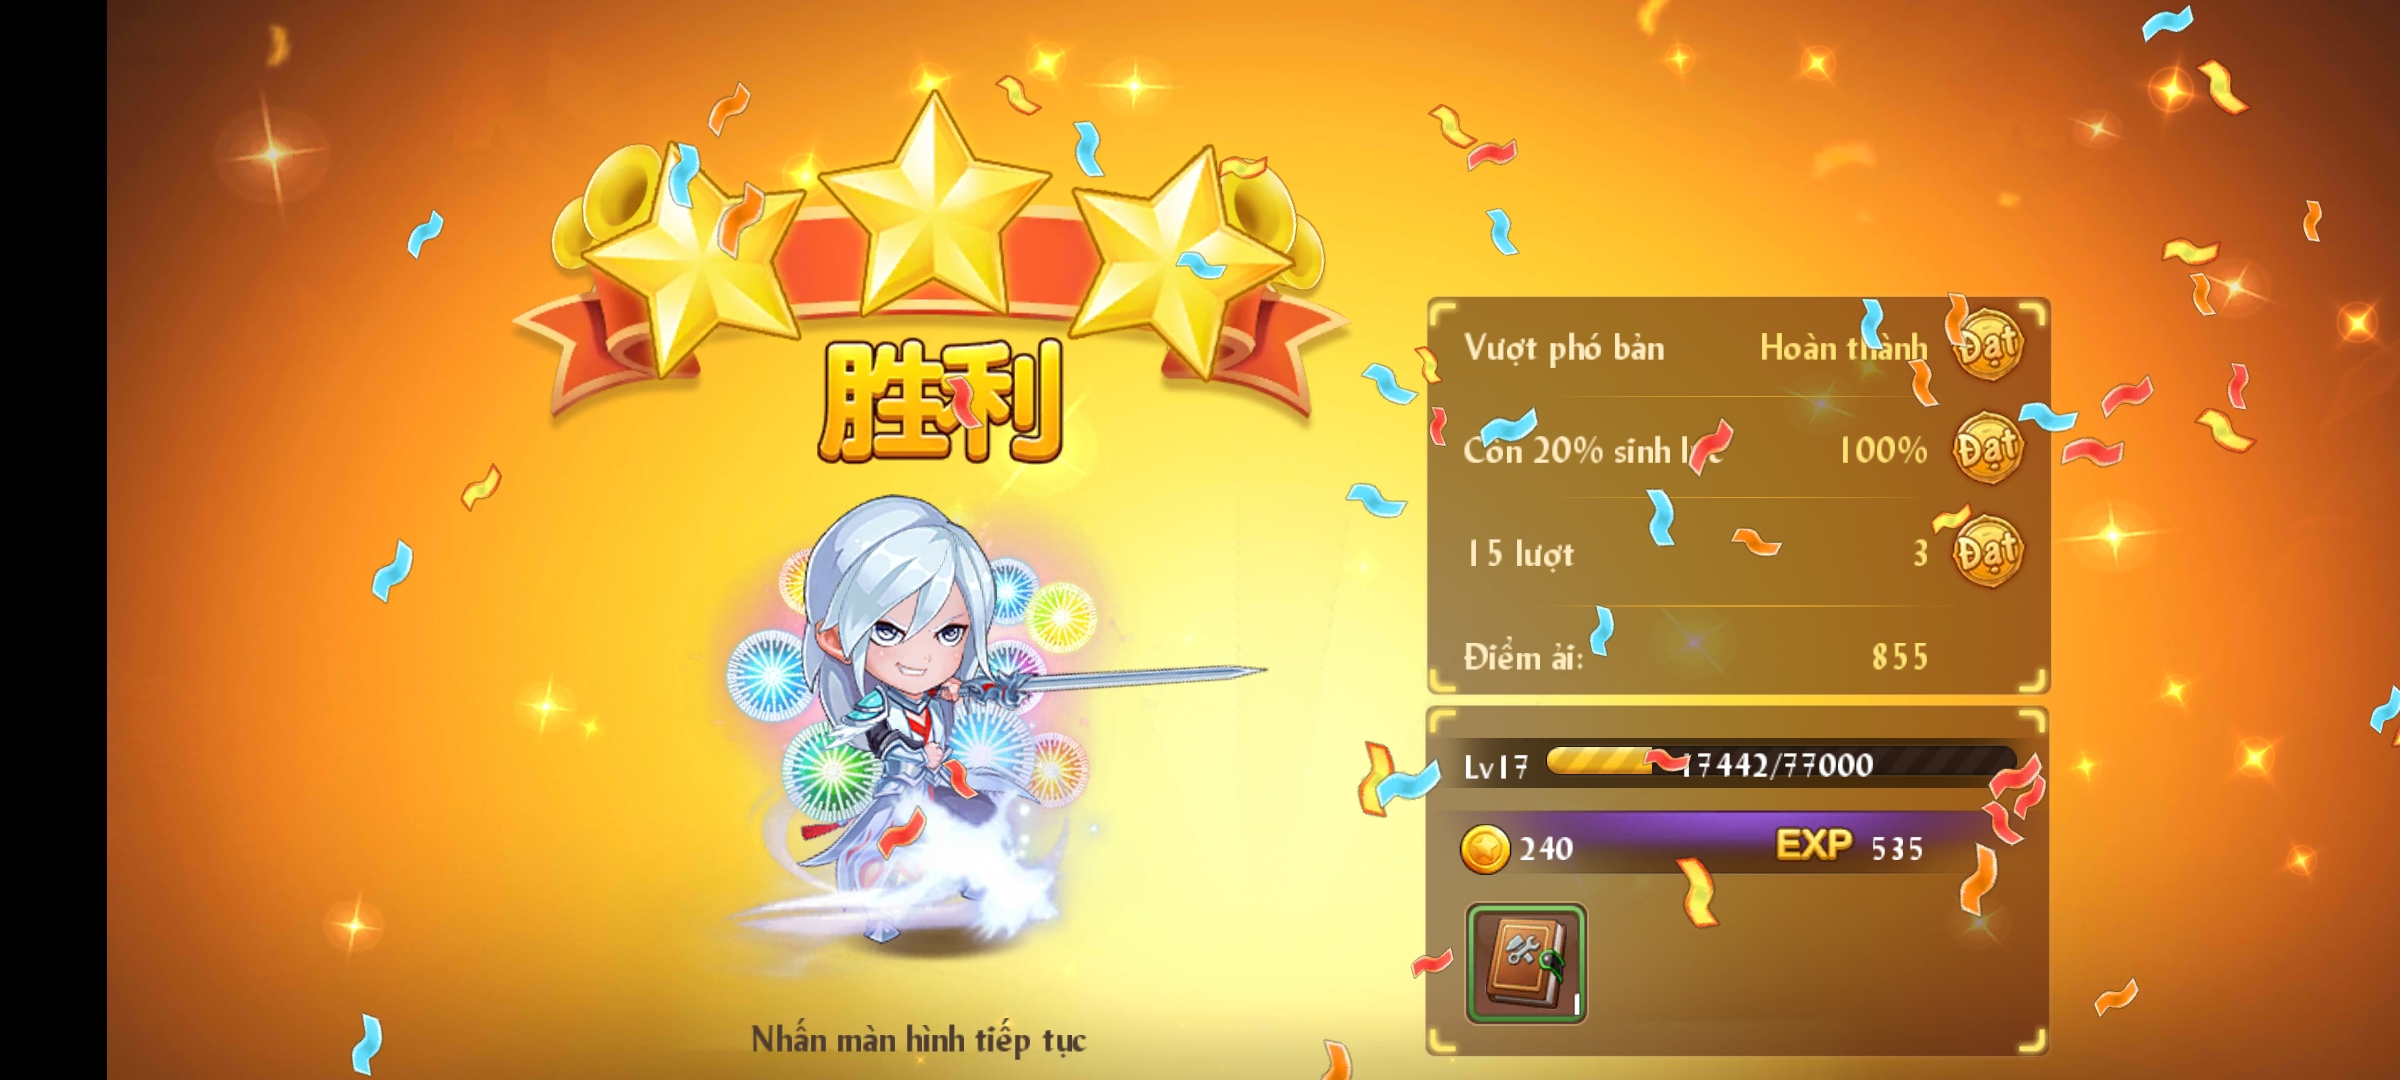 GunPow Private Việt Hóa | Free VIP 12 | 5000000 Kim Cương | Hoạt Động - Vượt Ải Nhận Quà & Kim Cương